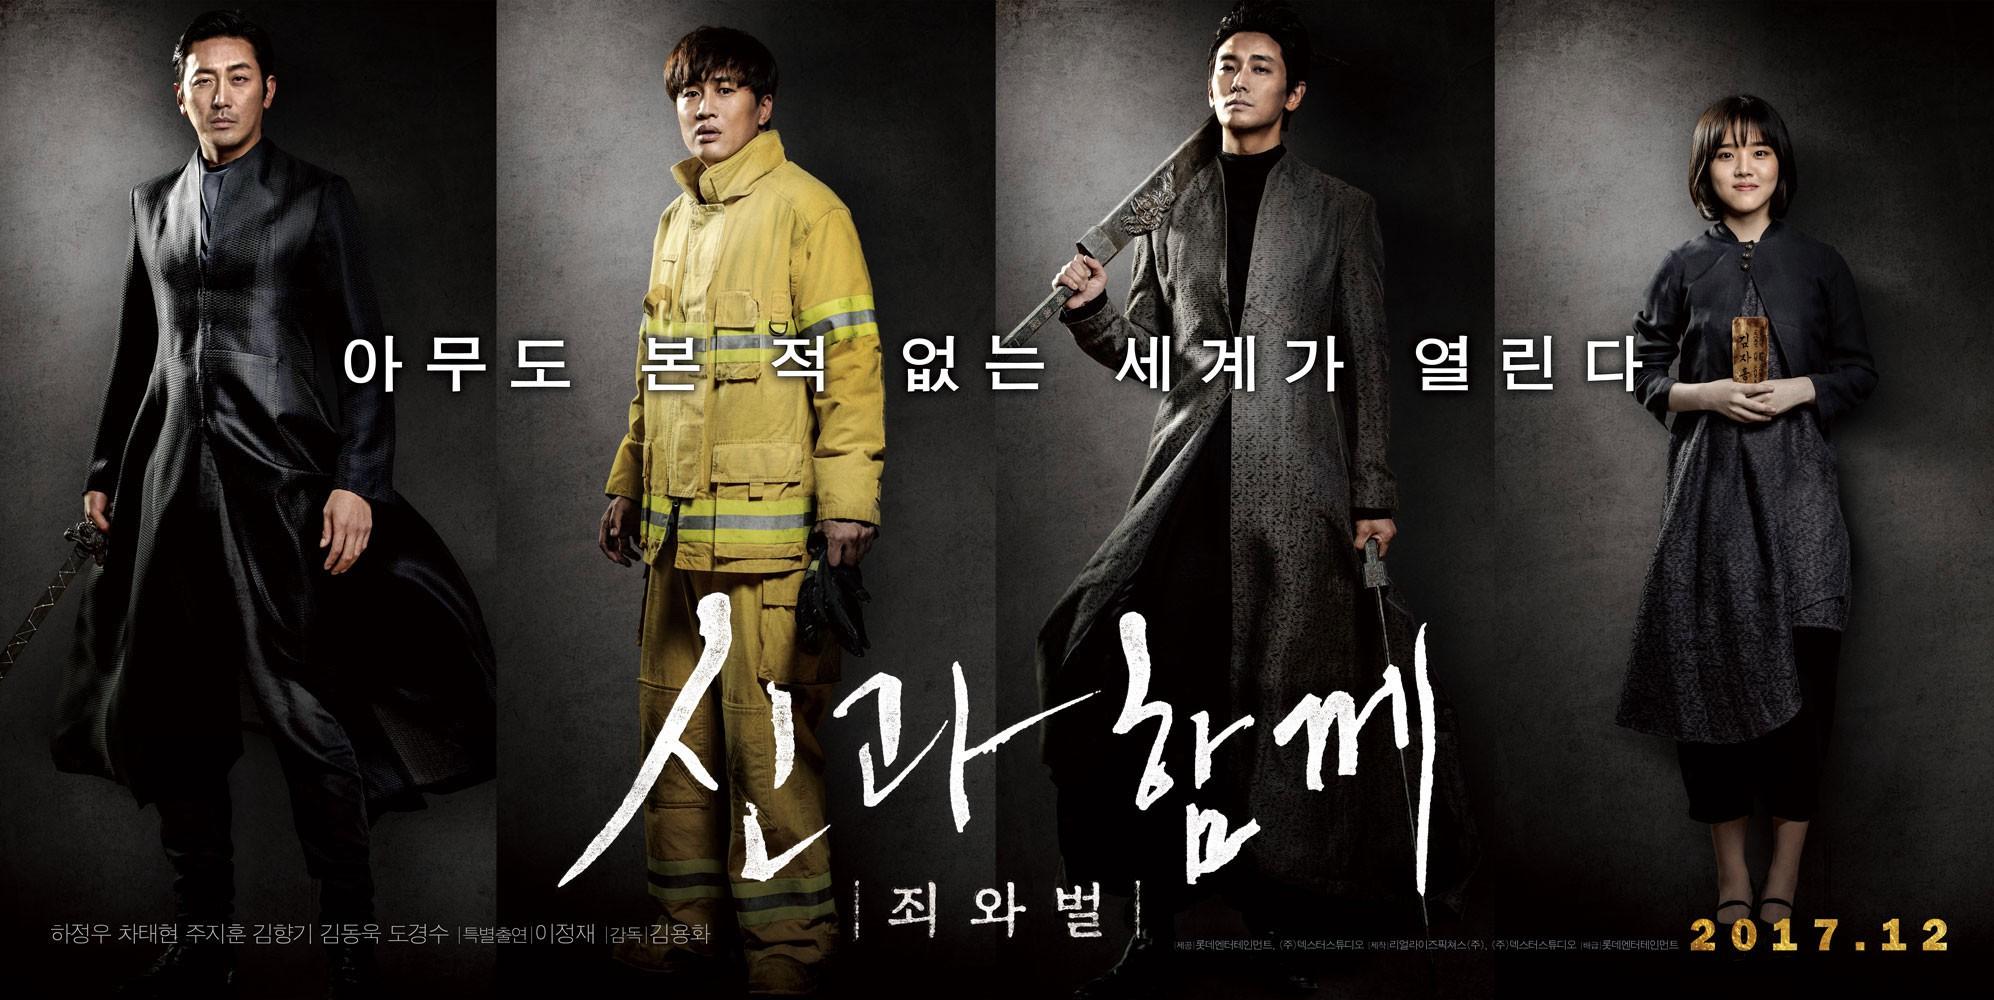 """Kể chuyện cõi âm đầy kỳ thú, """"Thử Thách Thần Chết"""" đáng là bom tấn chốt năm 2017 của điện ảnh Hàn - Ảnh 3."""